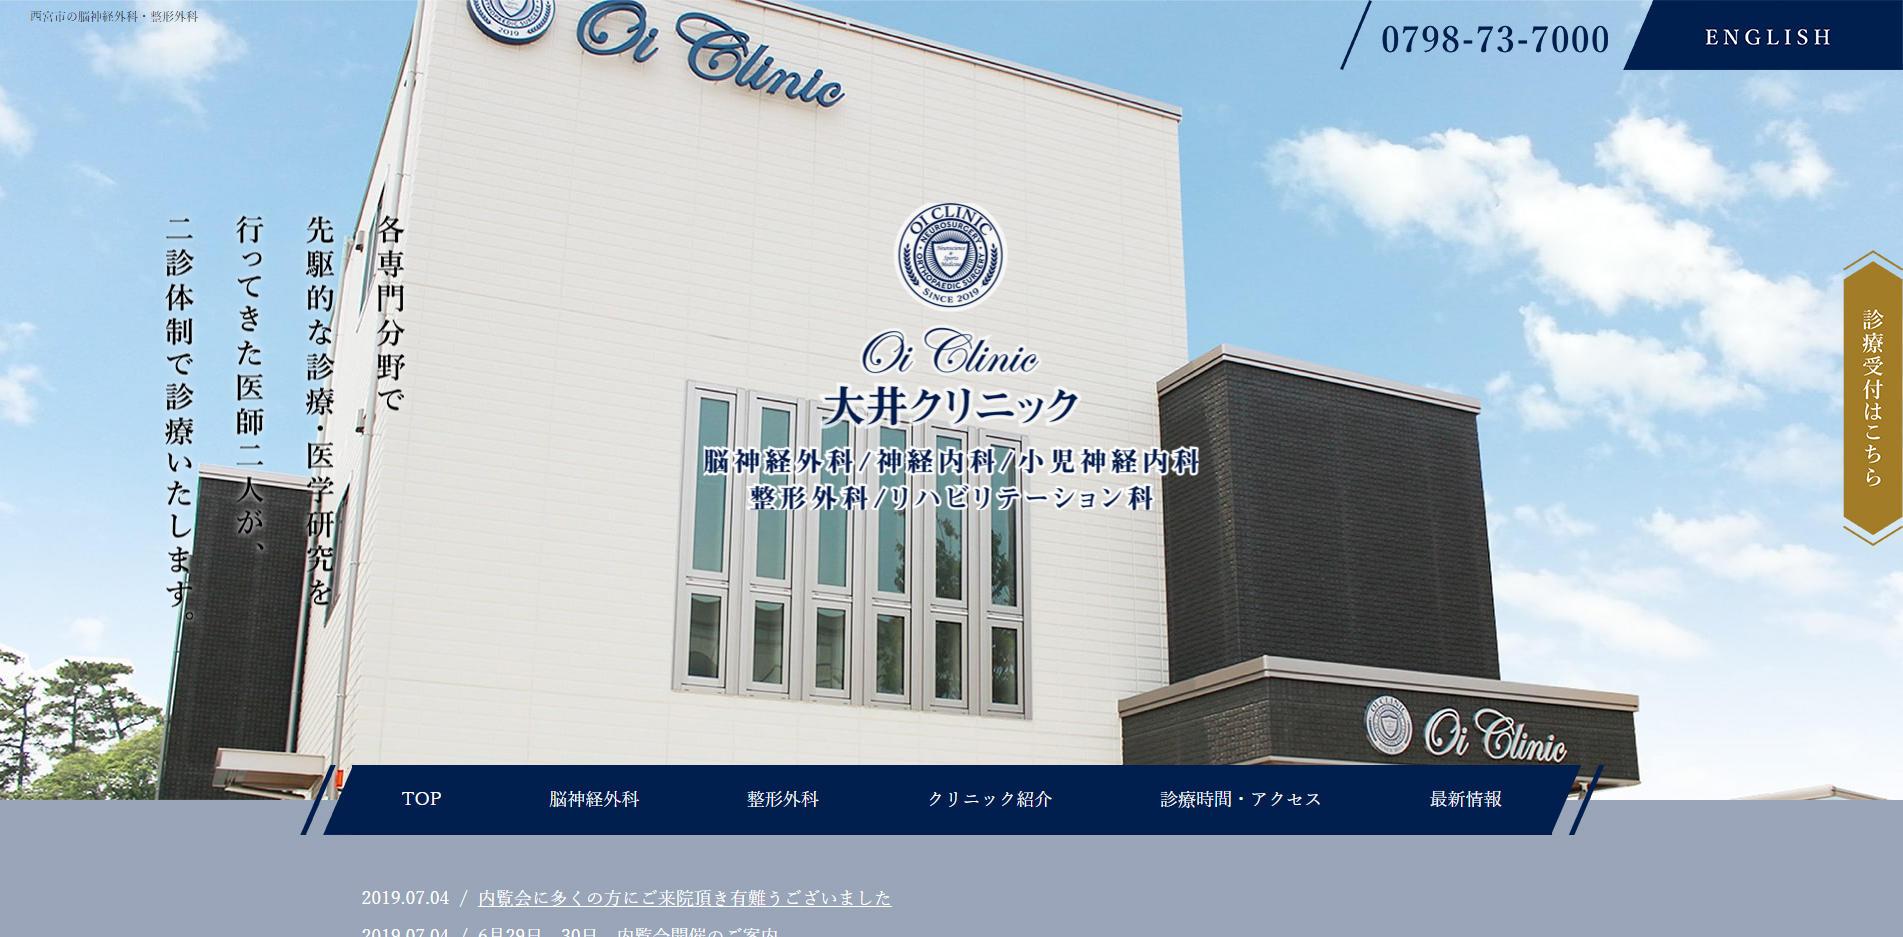 大井クリニックホームページ